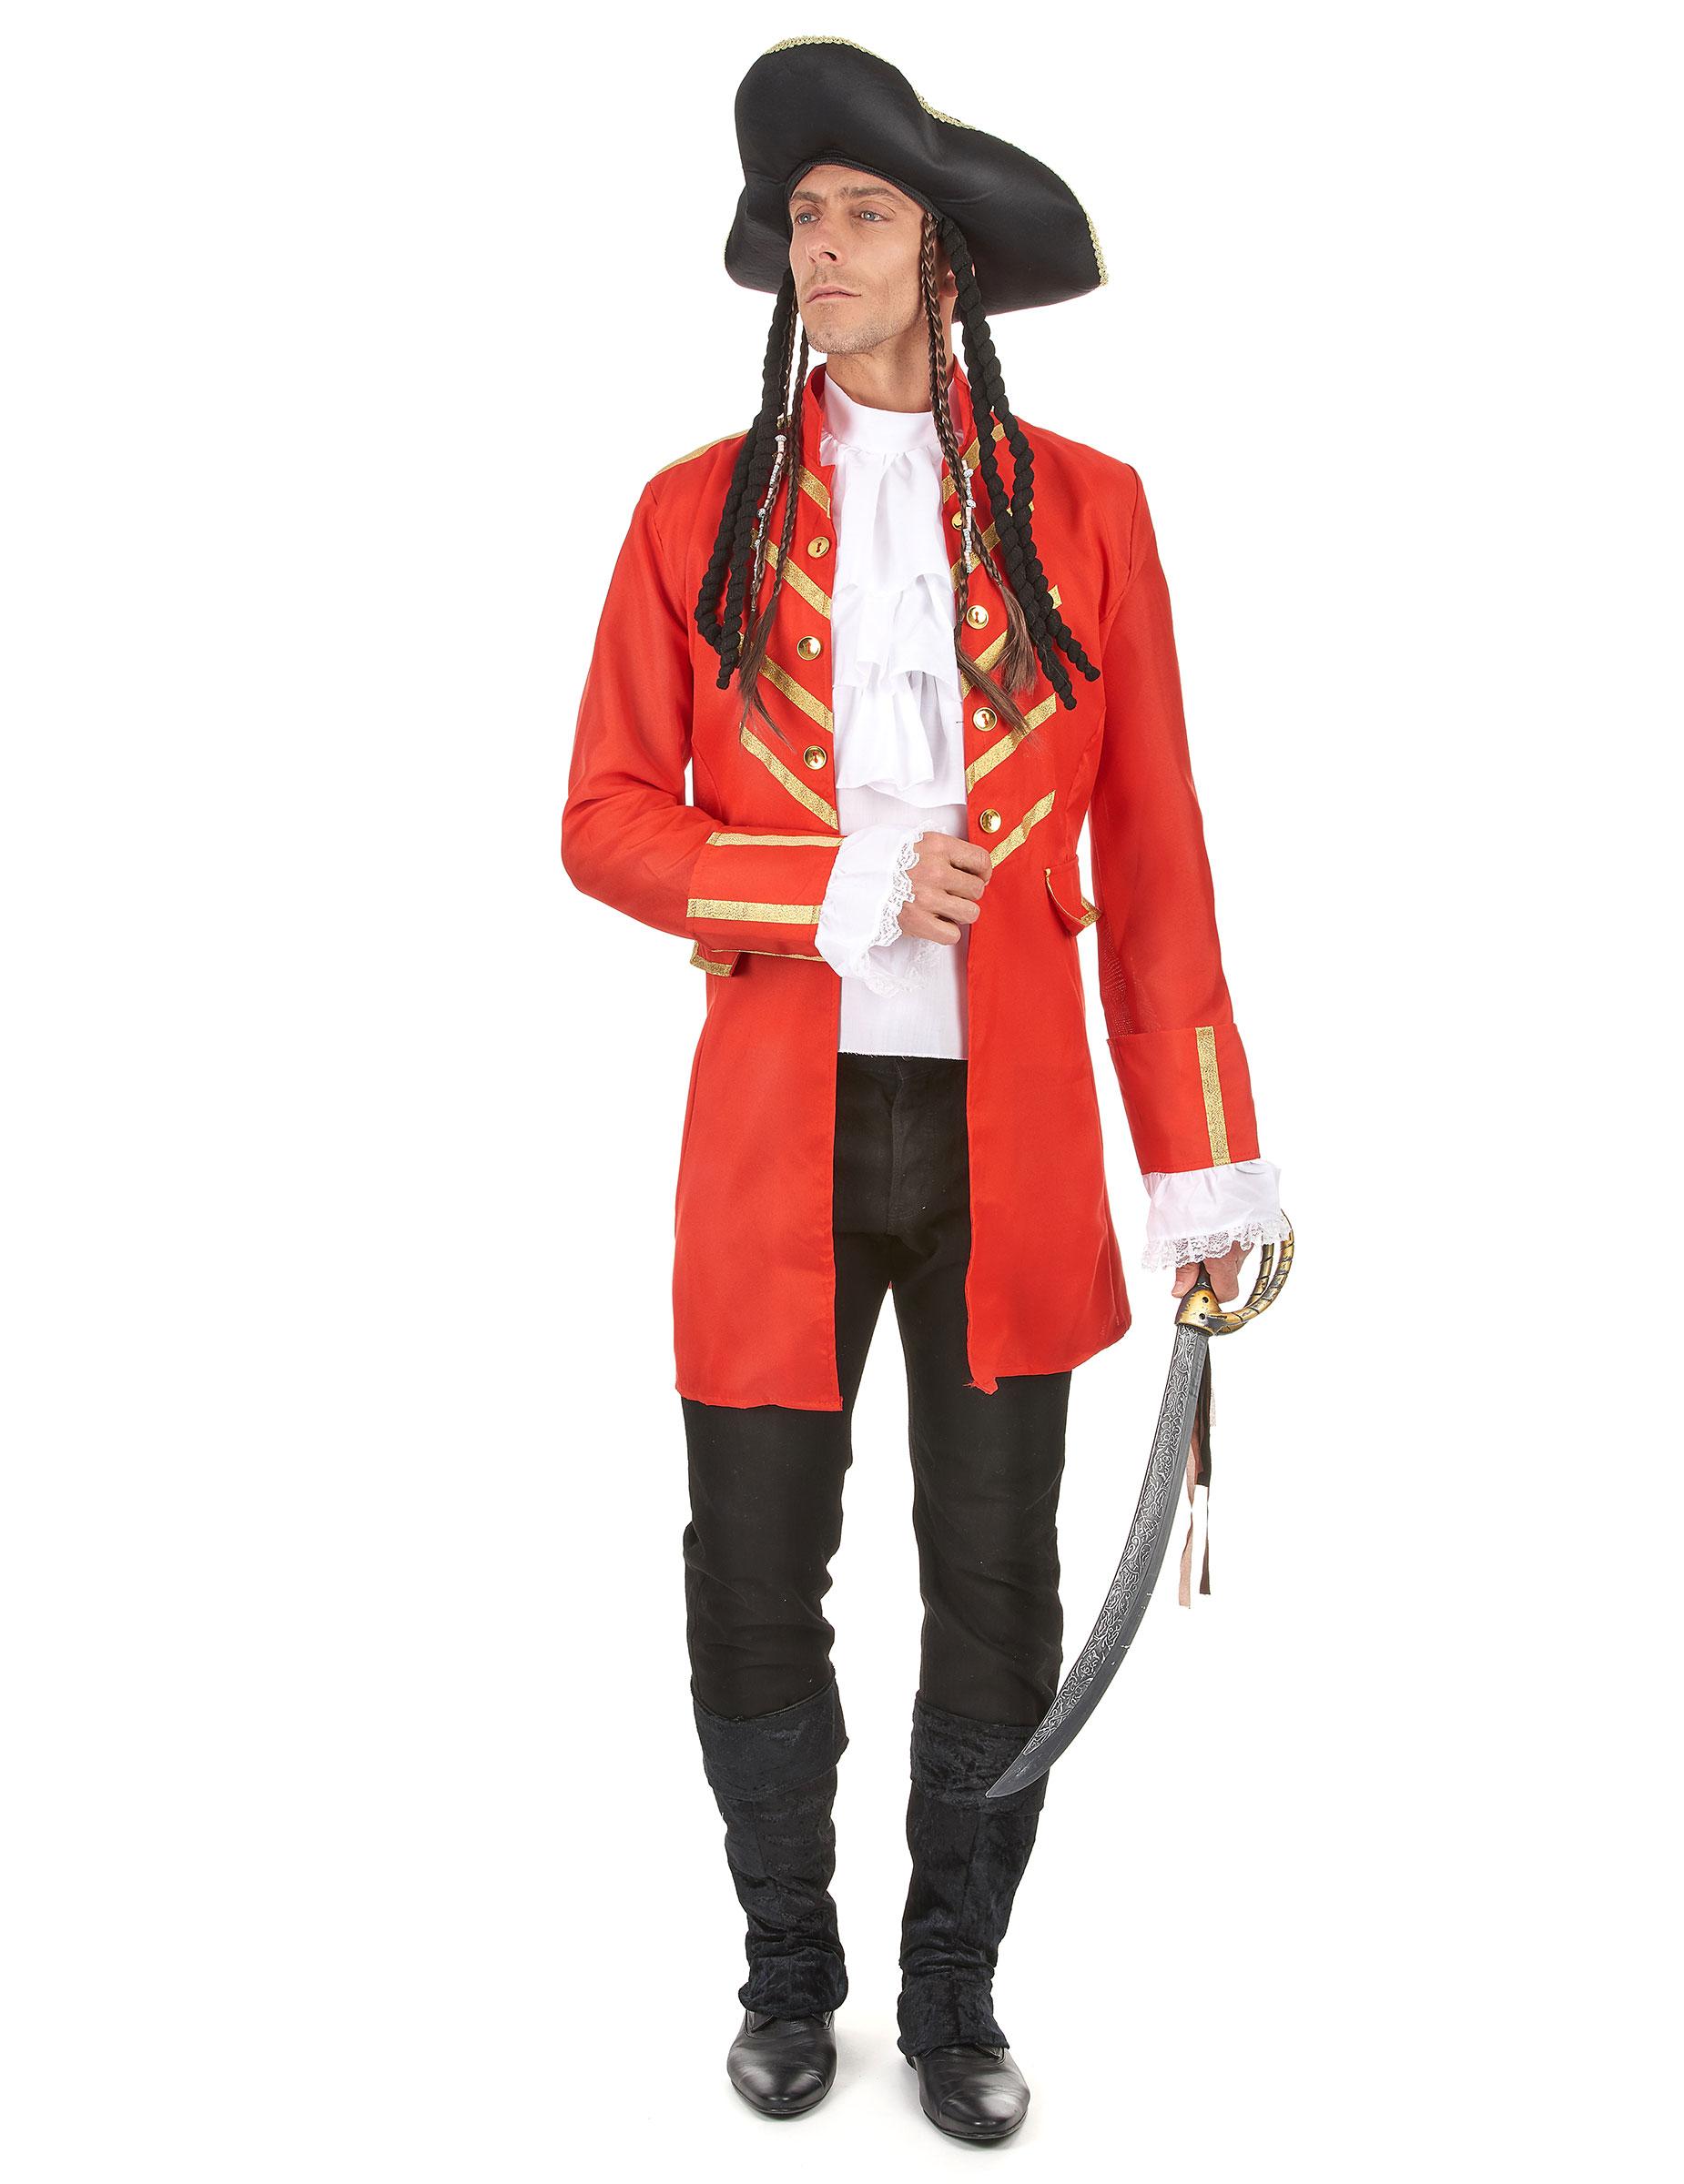 Maskeradkläder för vuxna Pirater 200 - 400 kr 24a618e83288b